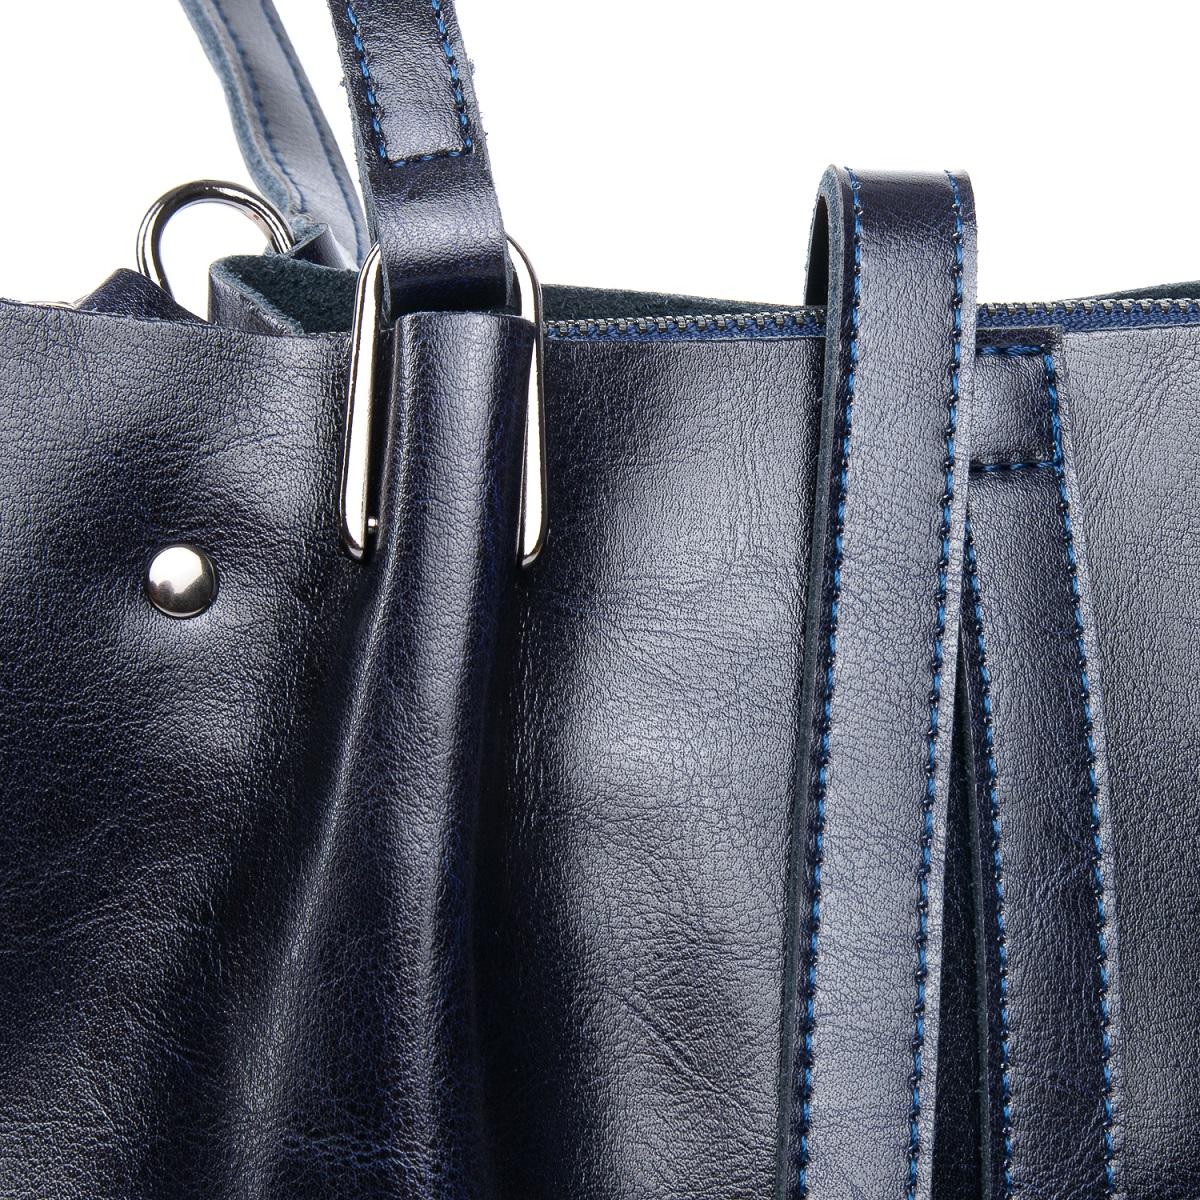 Сумка Женская Классическая кожа ALEX RAI 08-1 317-64 blue - фото 5